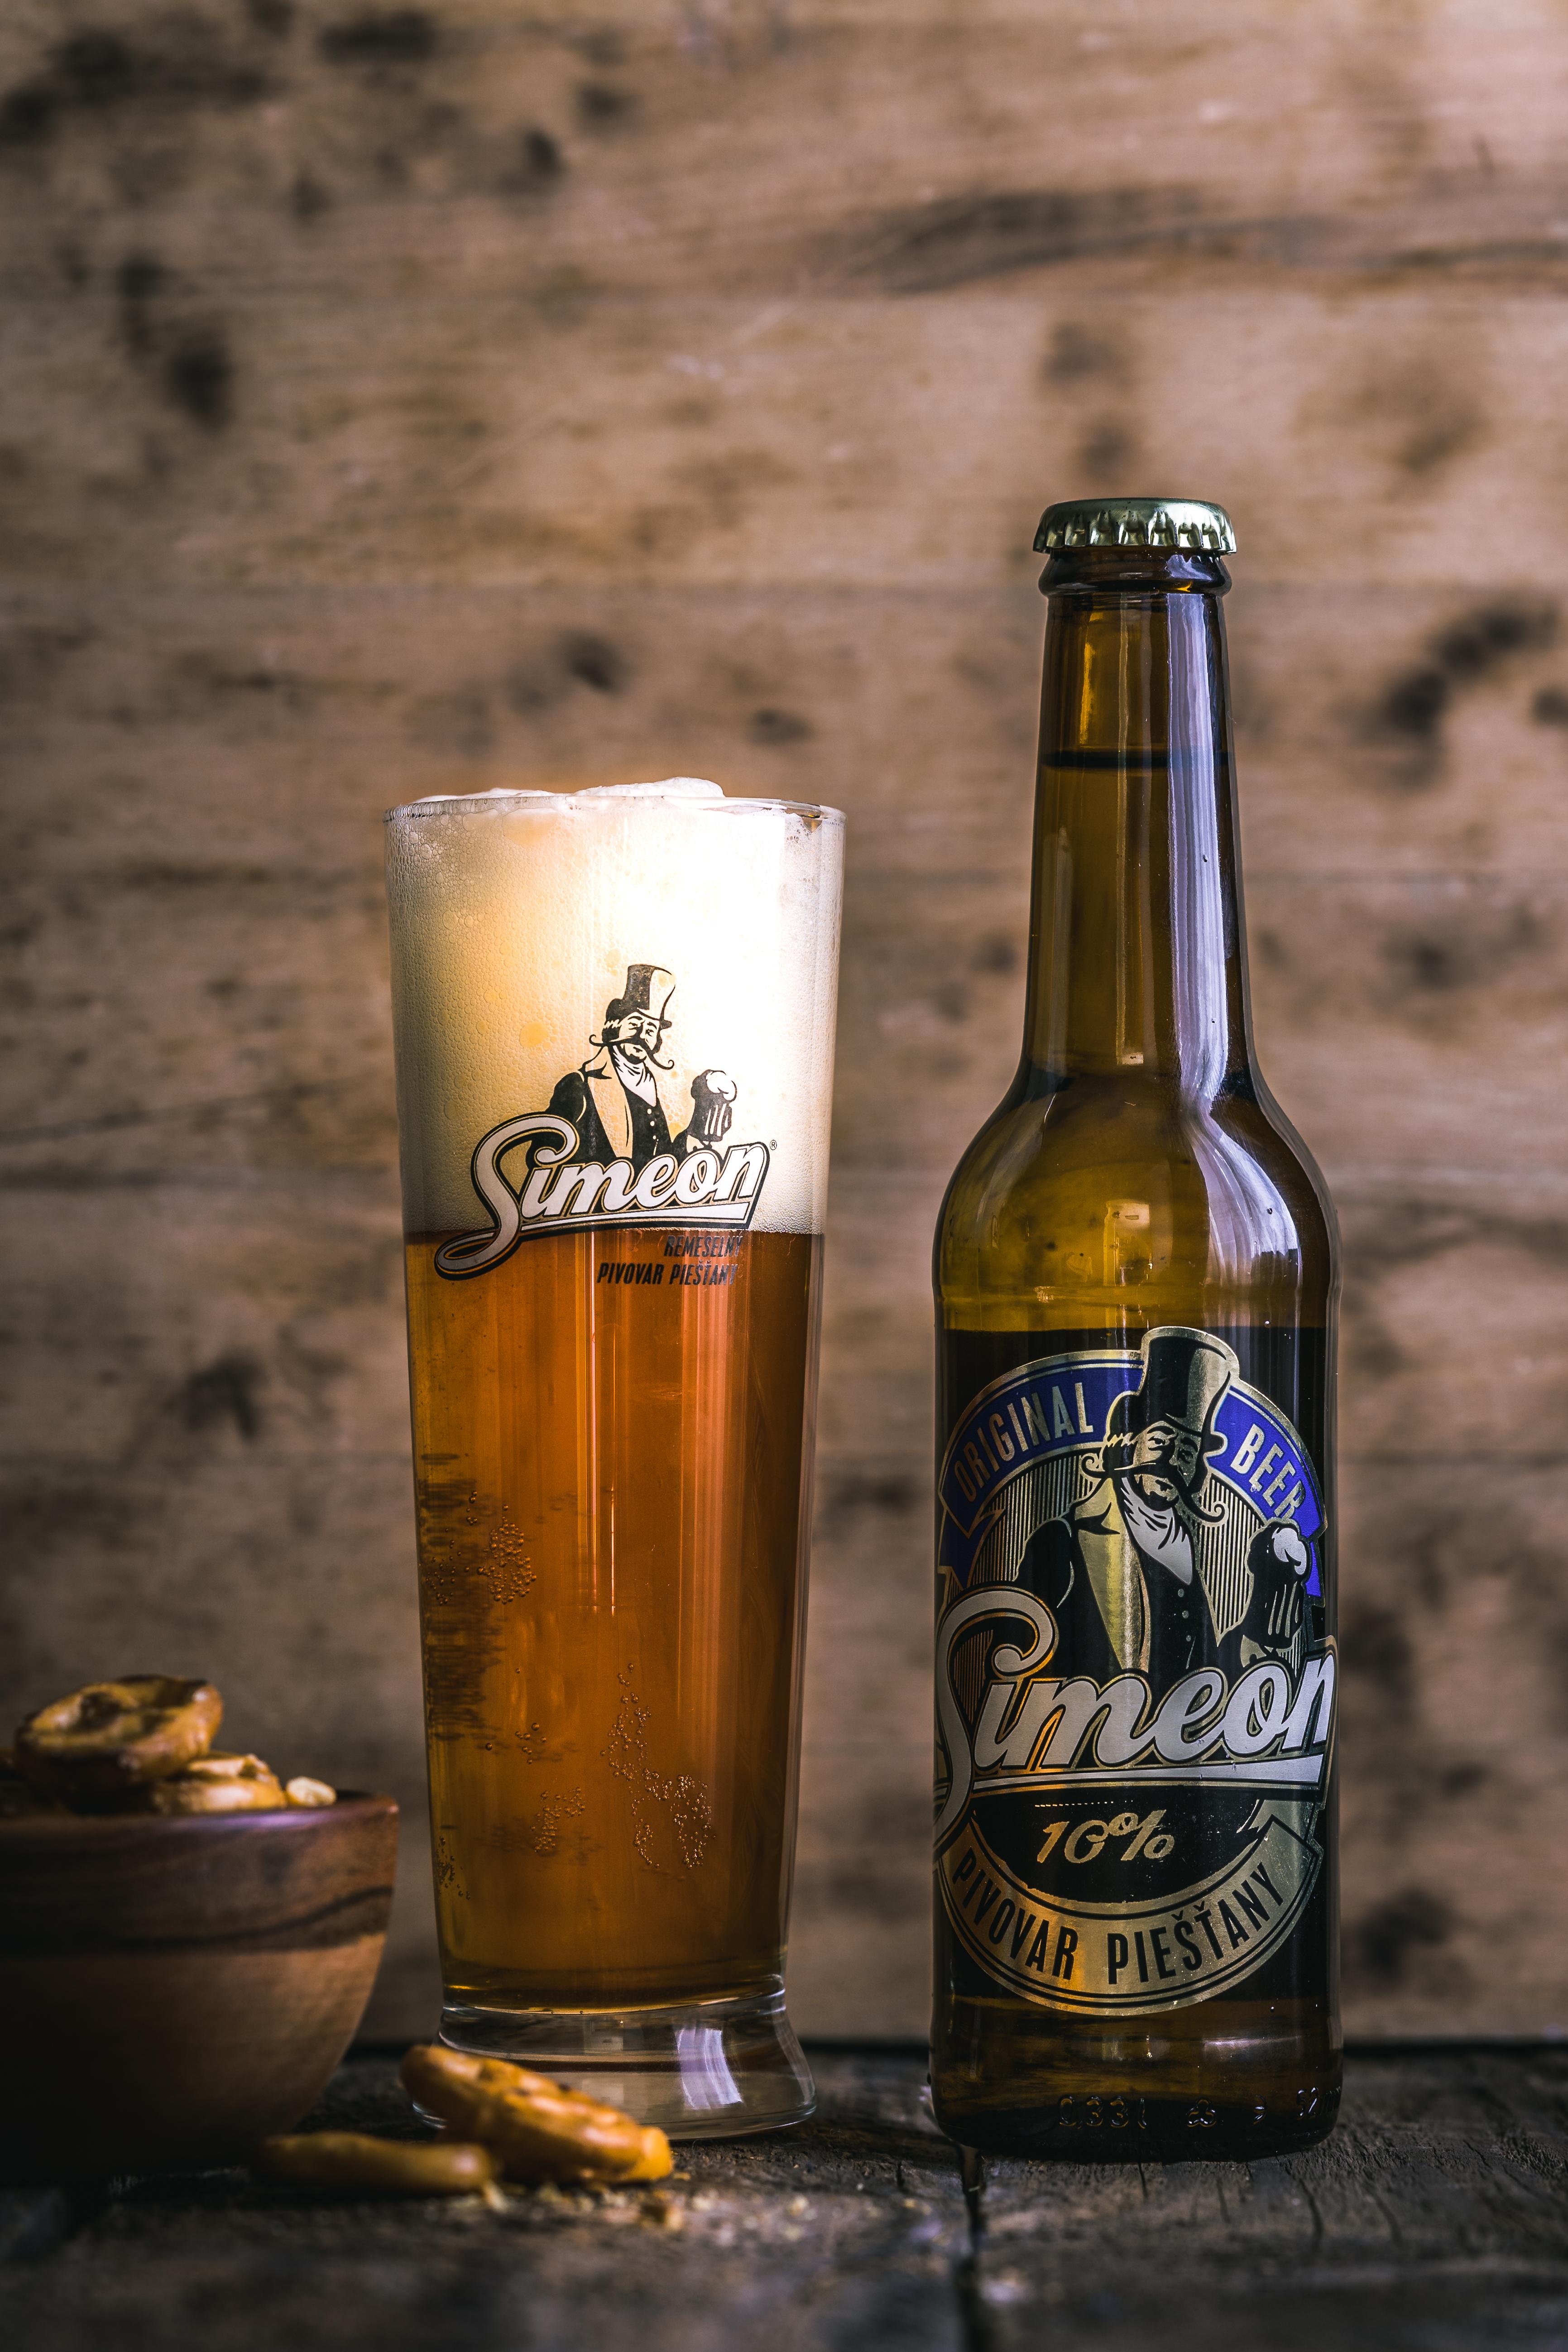 Predstavujeme príbeh piešťanského pivovaru Simeon